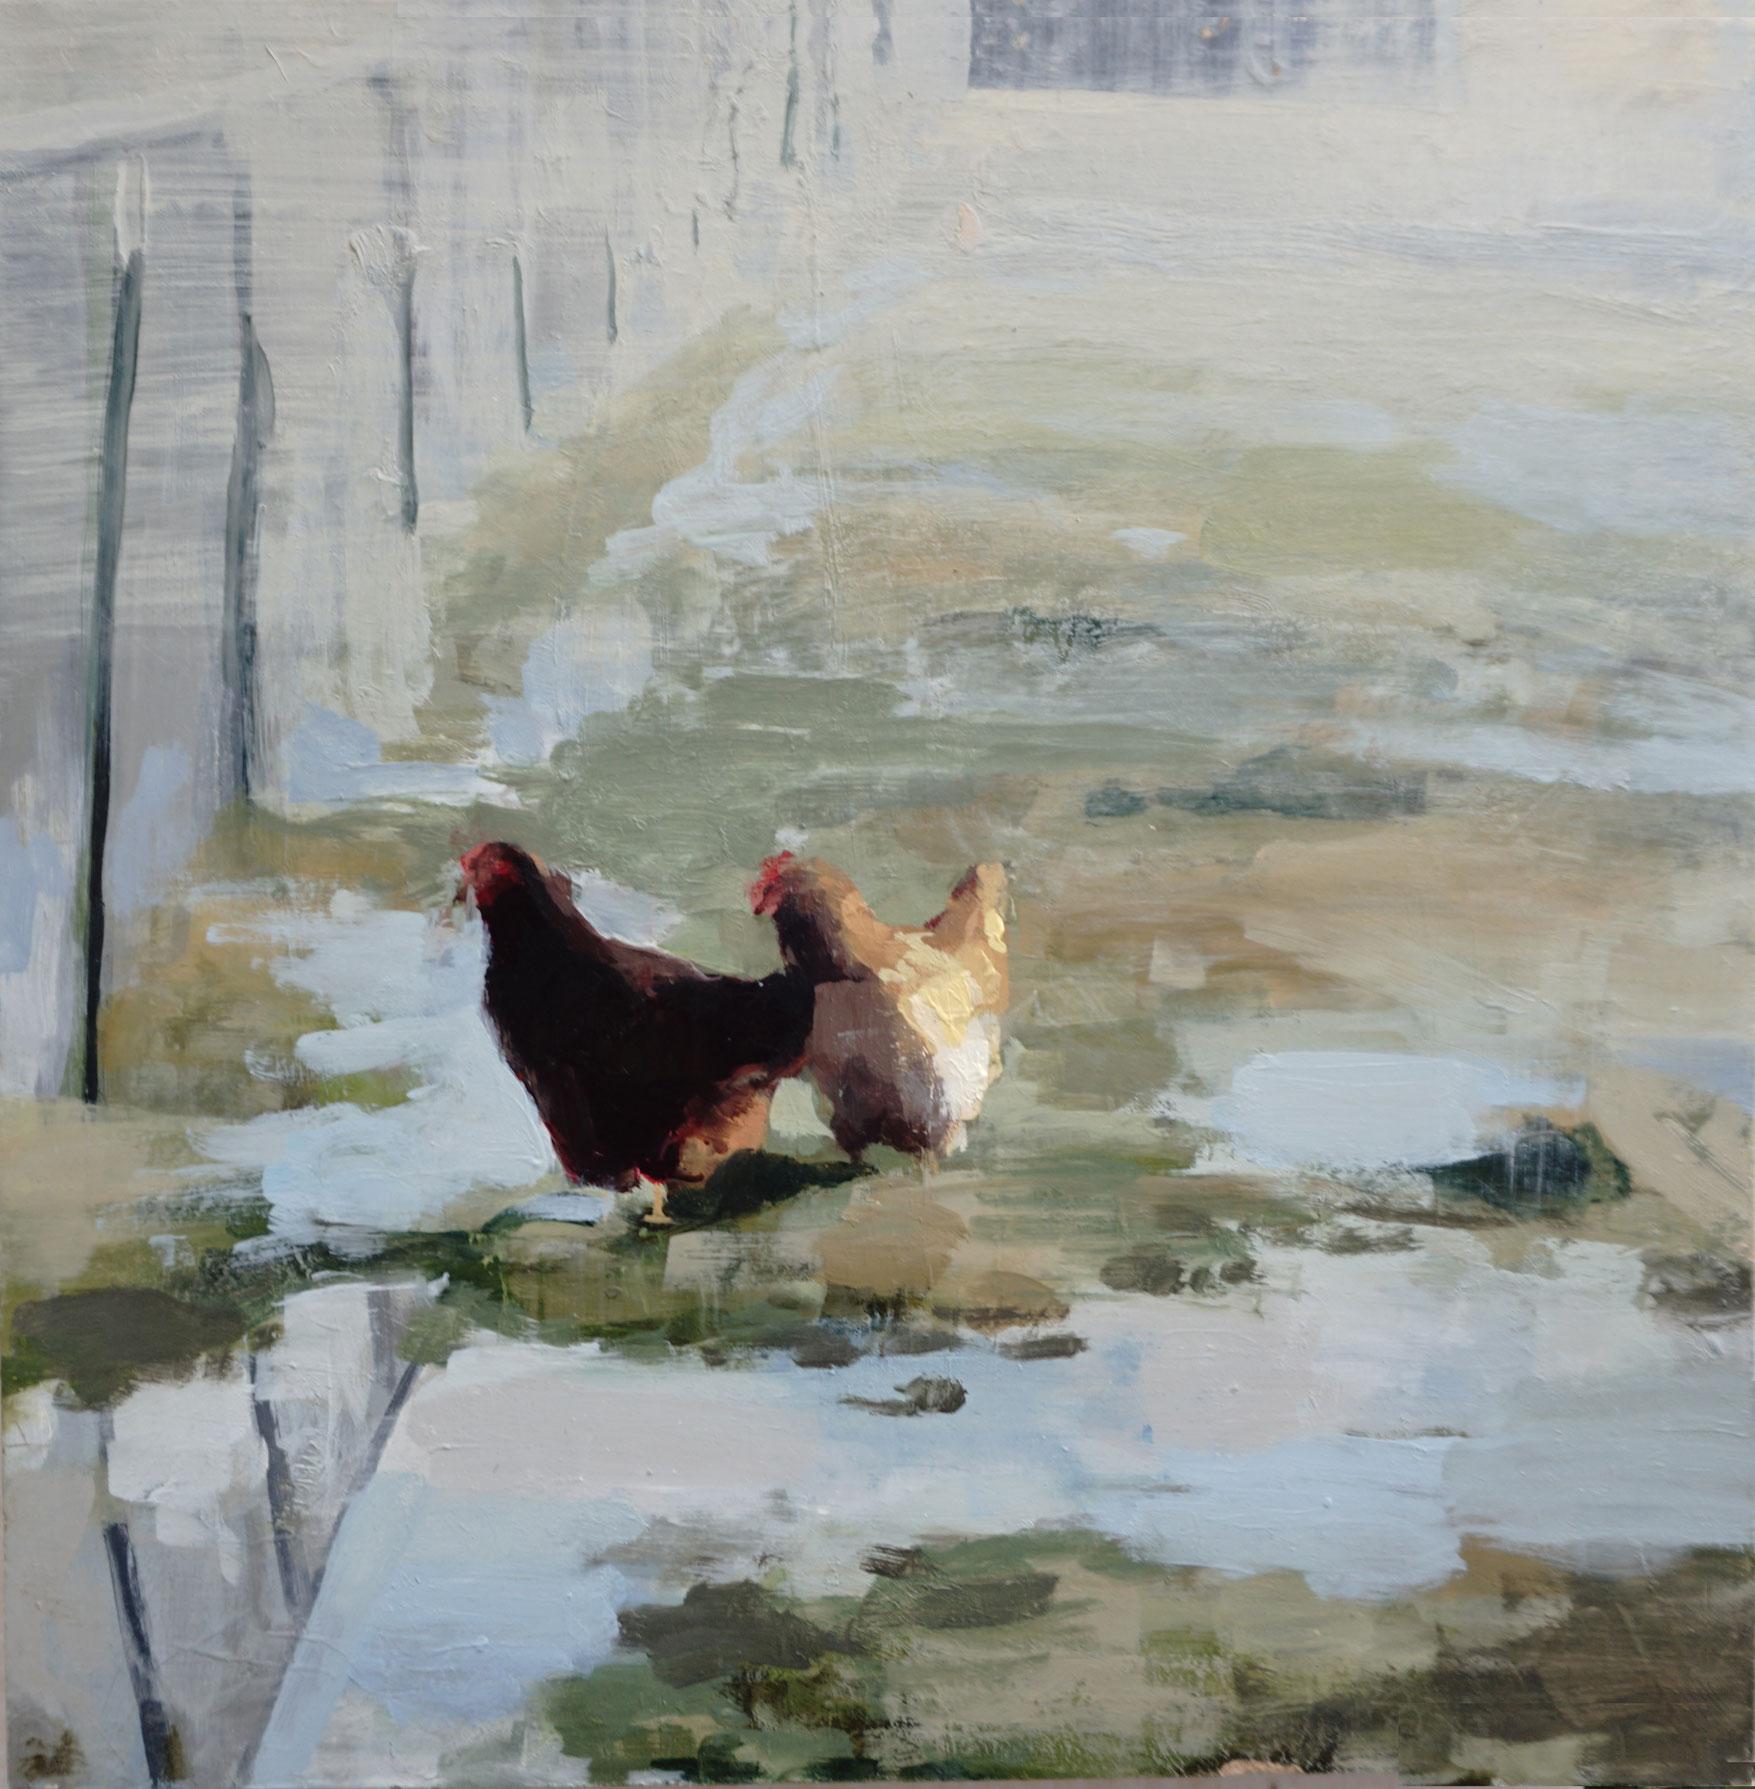 mark-crenshaw-1516-chickens-in-irrigation.jpg